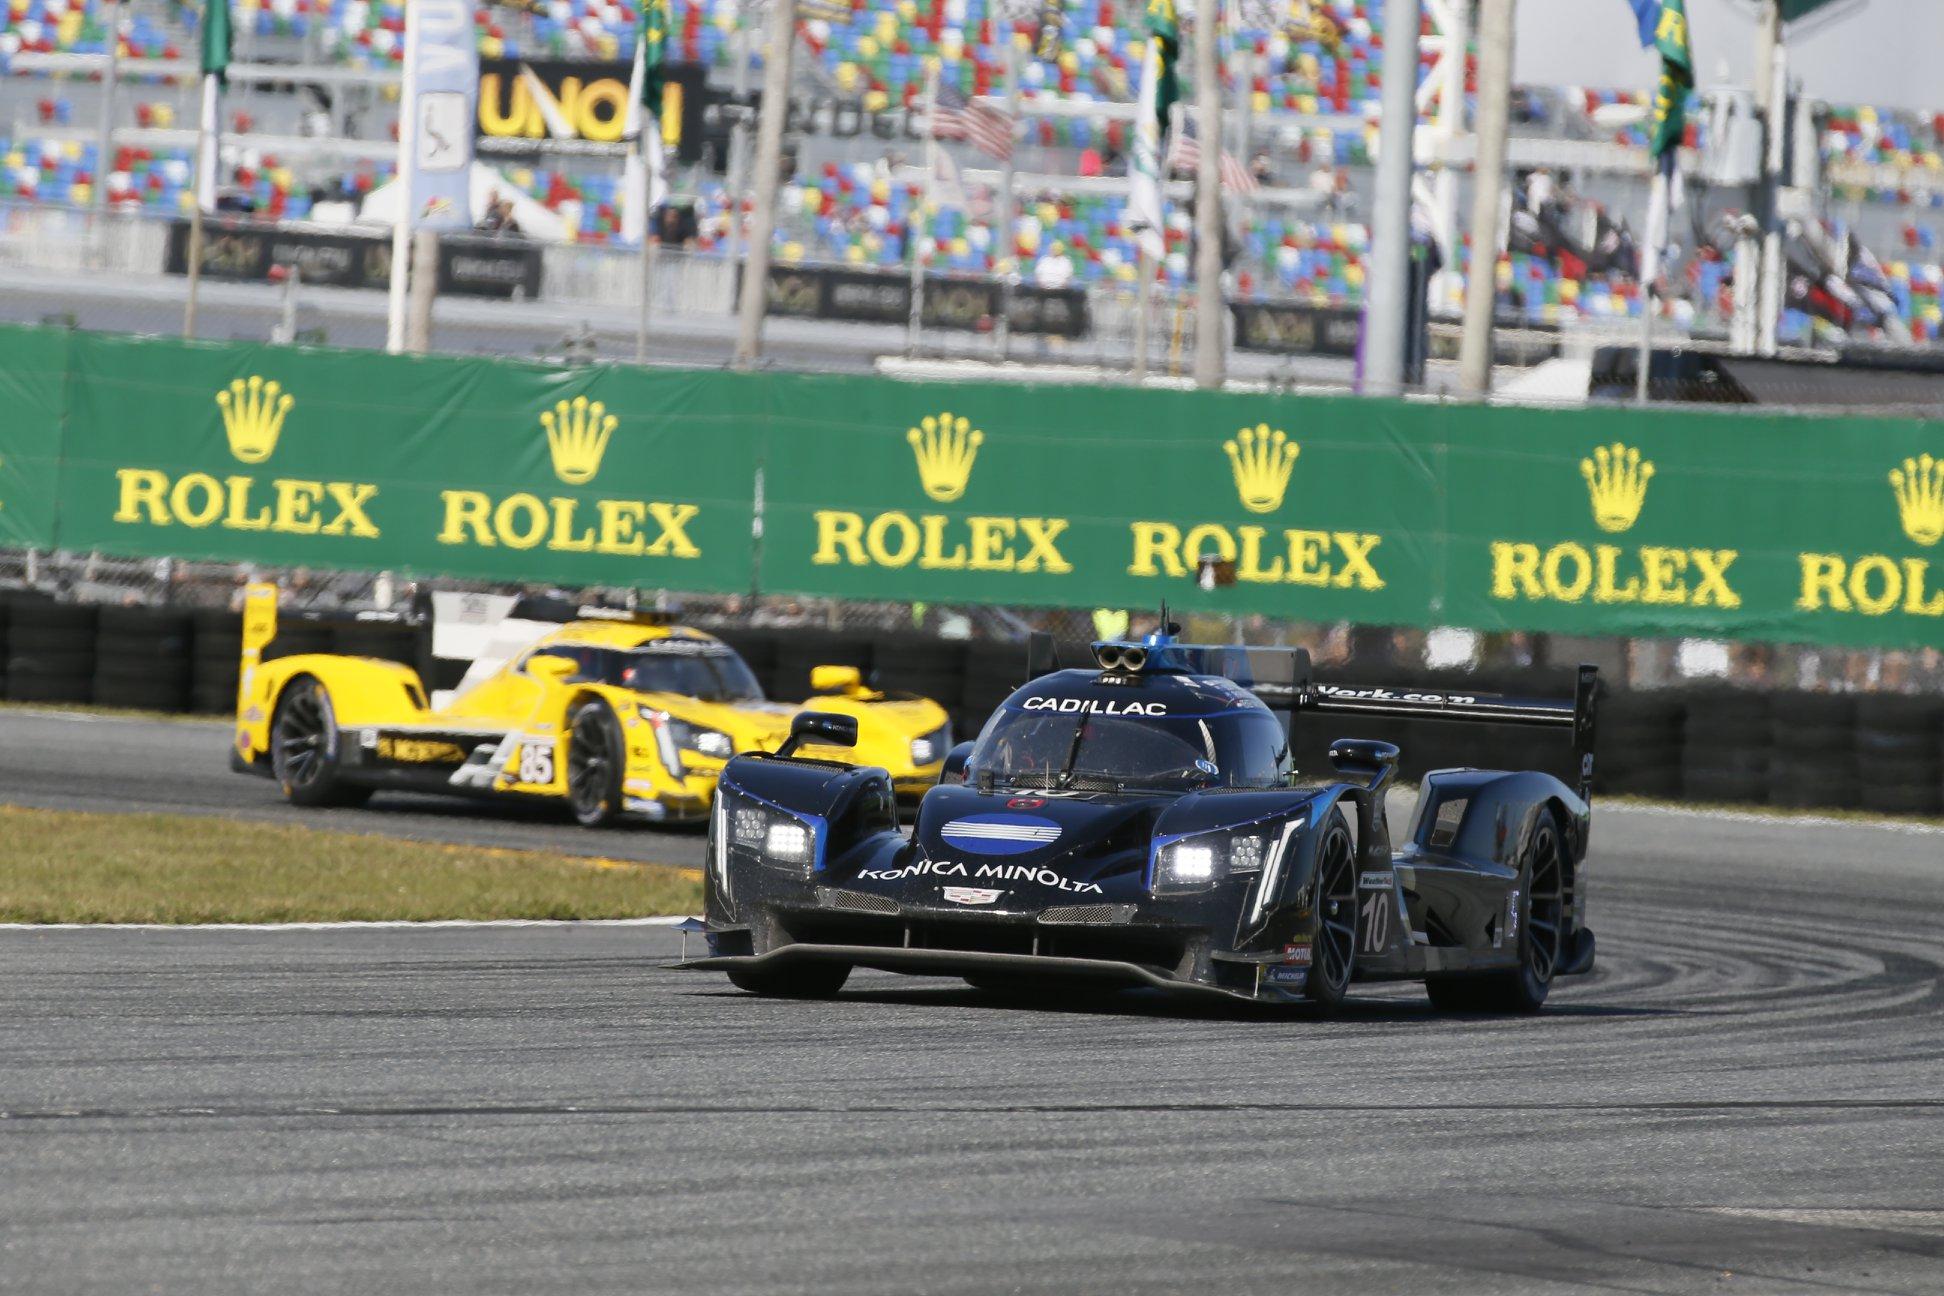 #10 Wayne Taylor Racing - Rolex 24 at Daytona